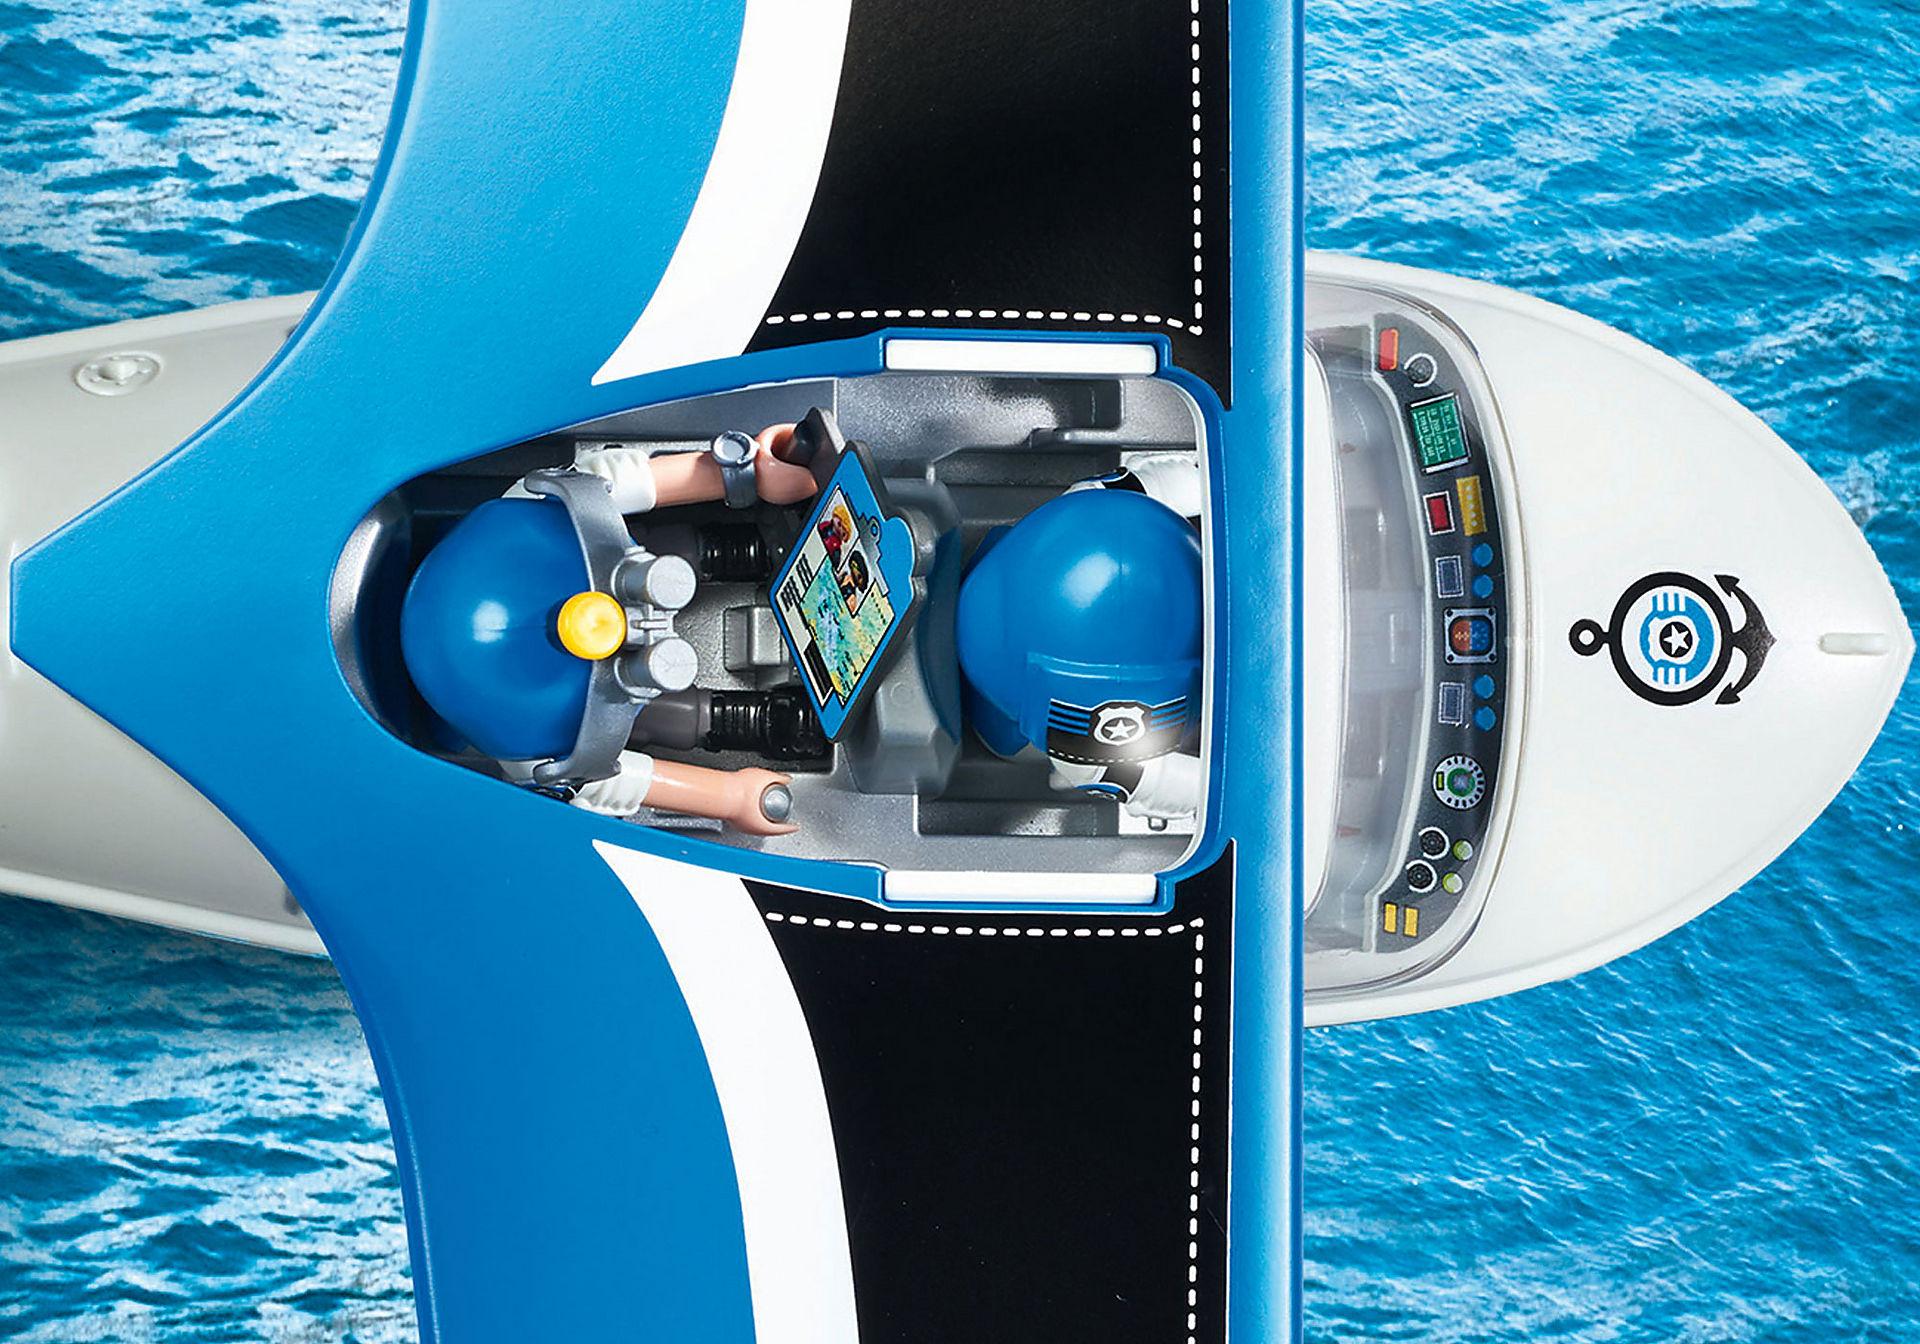 9436 Polizei-Wasserflugzeug zoom image7